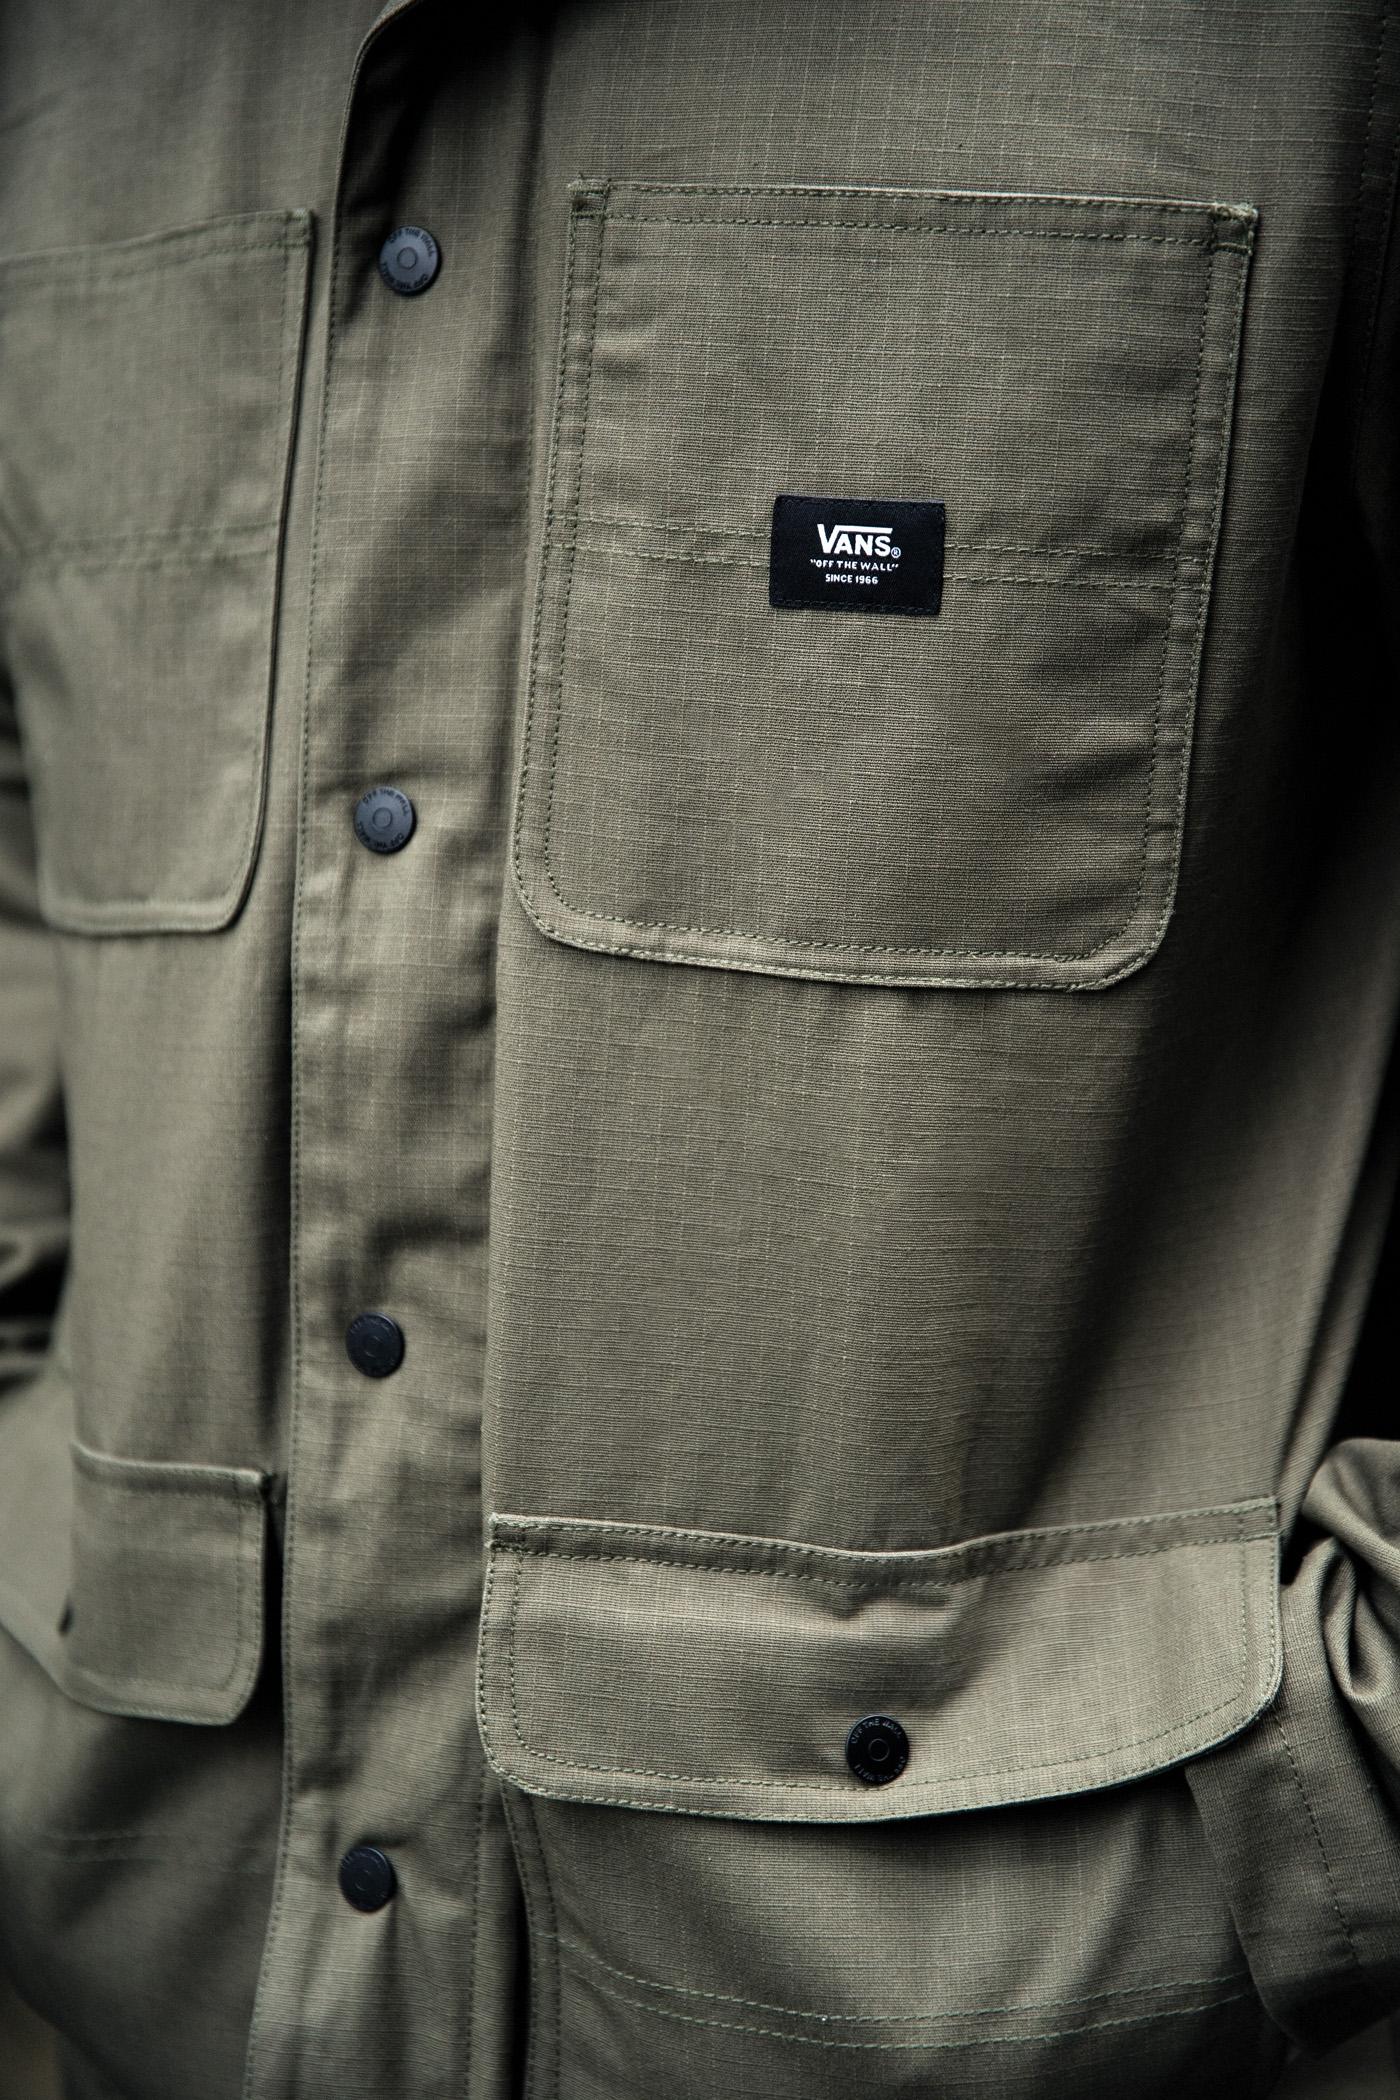 Vans apresenta o resistente e confortável Drill Chore Coat